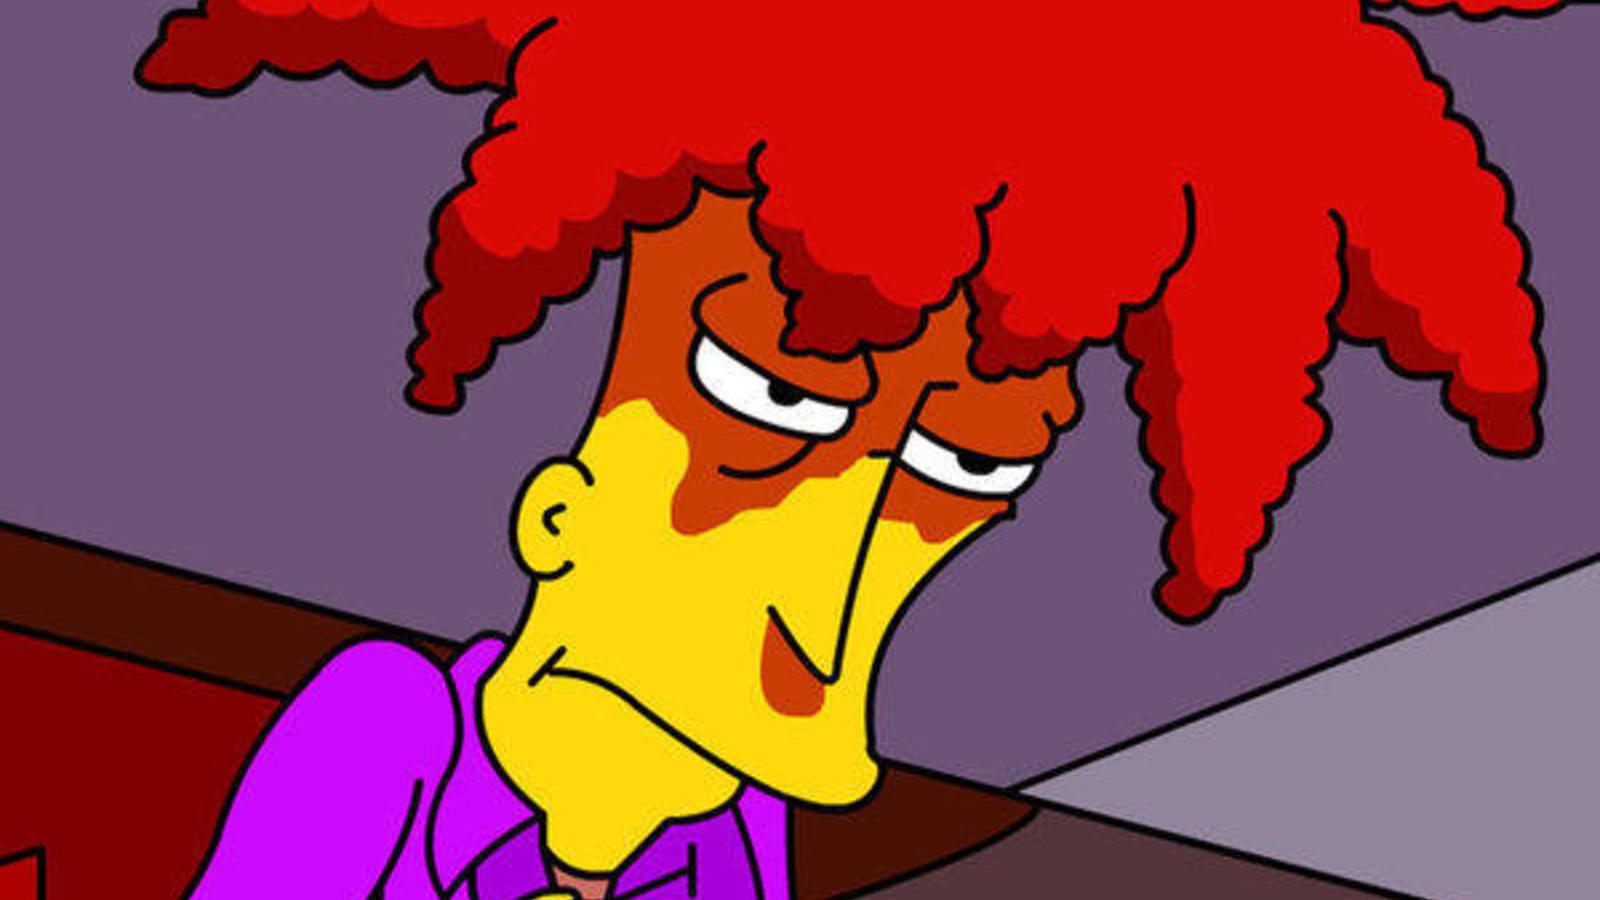 ¿Porqué el actor secundario Bob quiere matar a Bart?